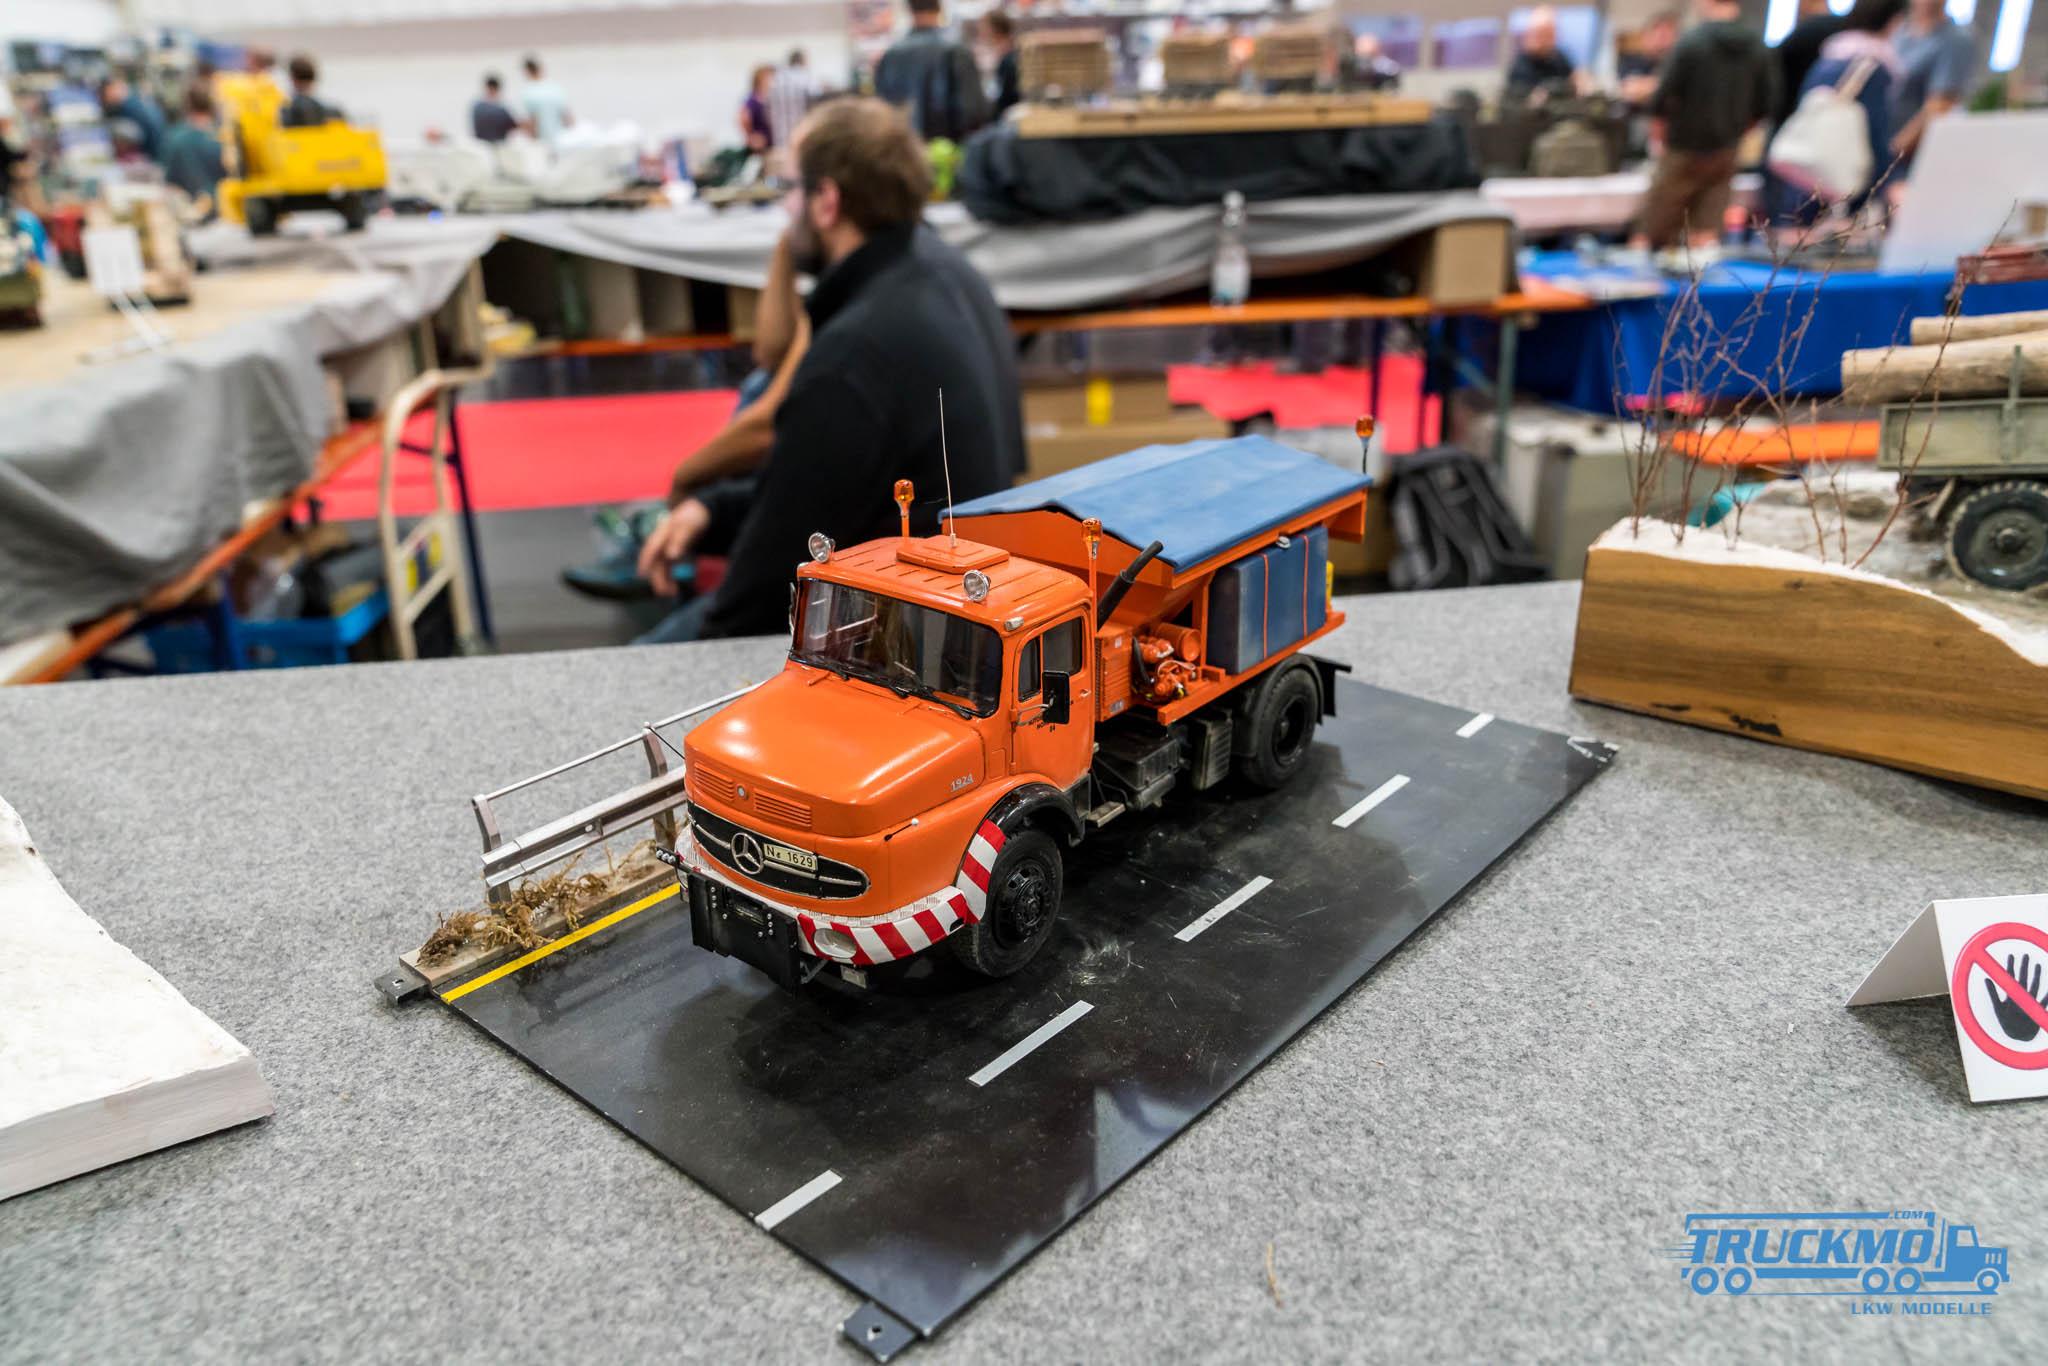 Truckmo_Modellbau_Ried_2017_Herpa_Messe_Modellbauausstellung (311 von 1177)